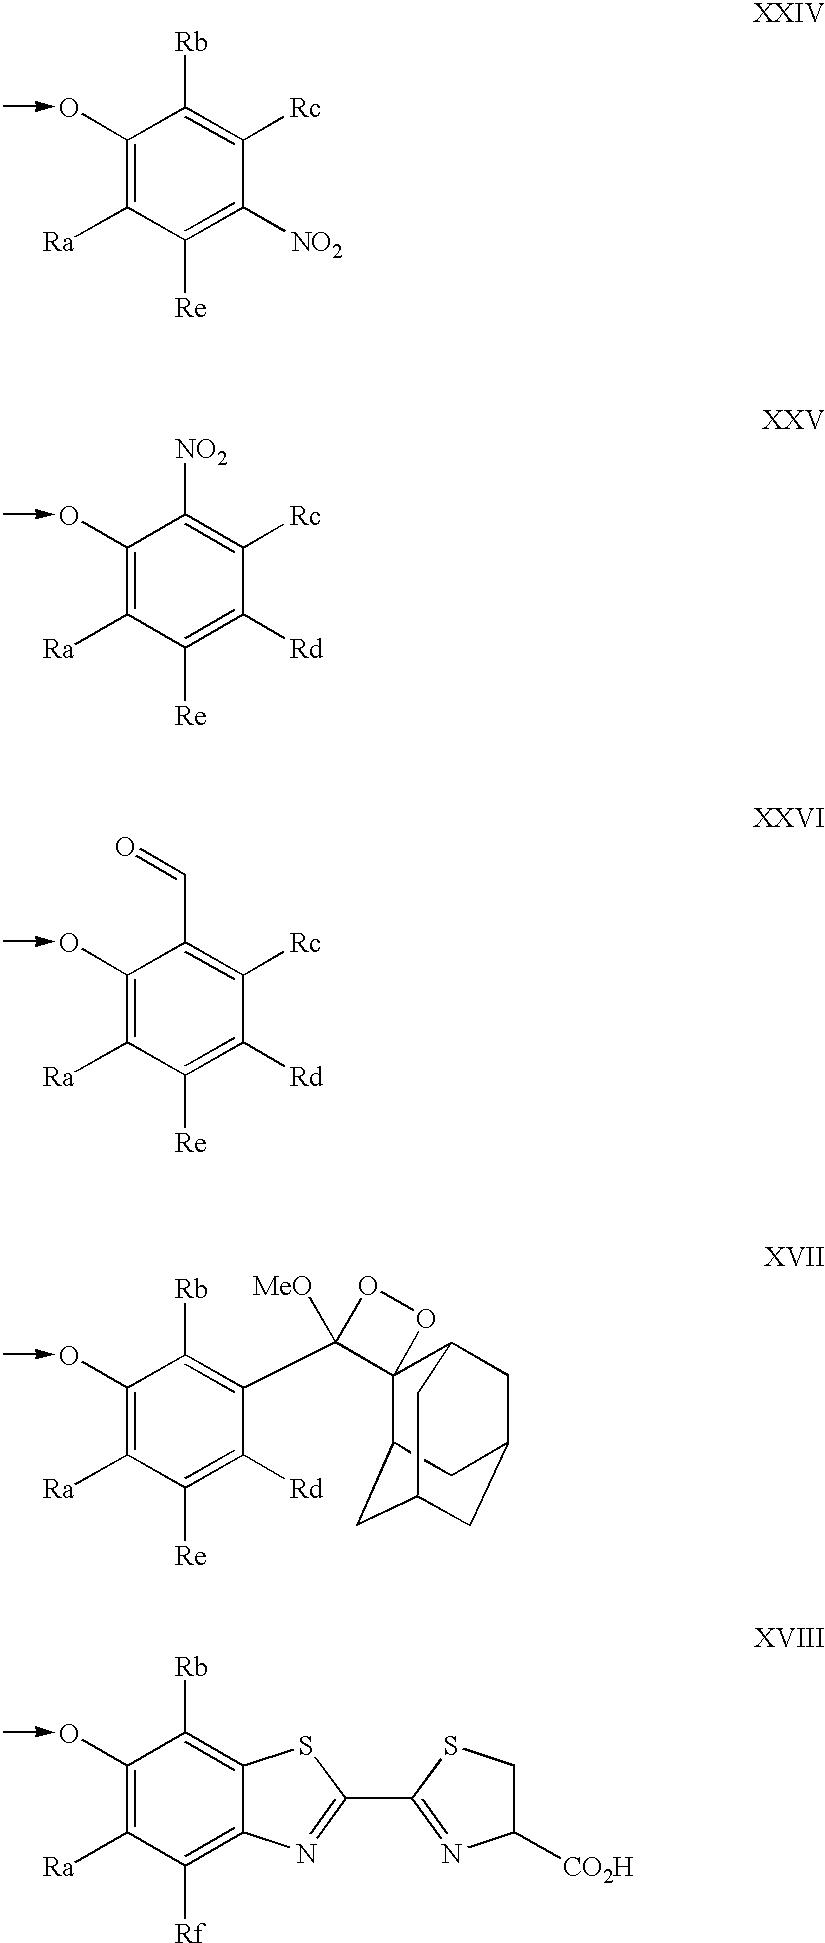 Figure US06514687-20030204-C00081